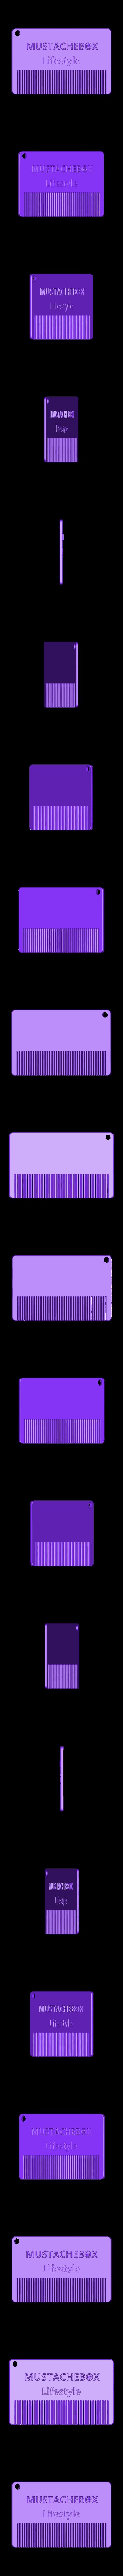 Bb8a8613 a028 49a1 99bd 168b7211f137